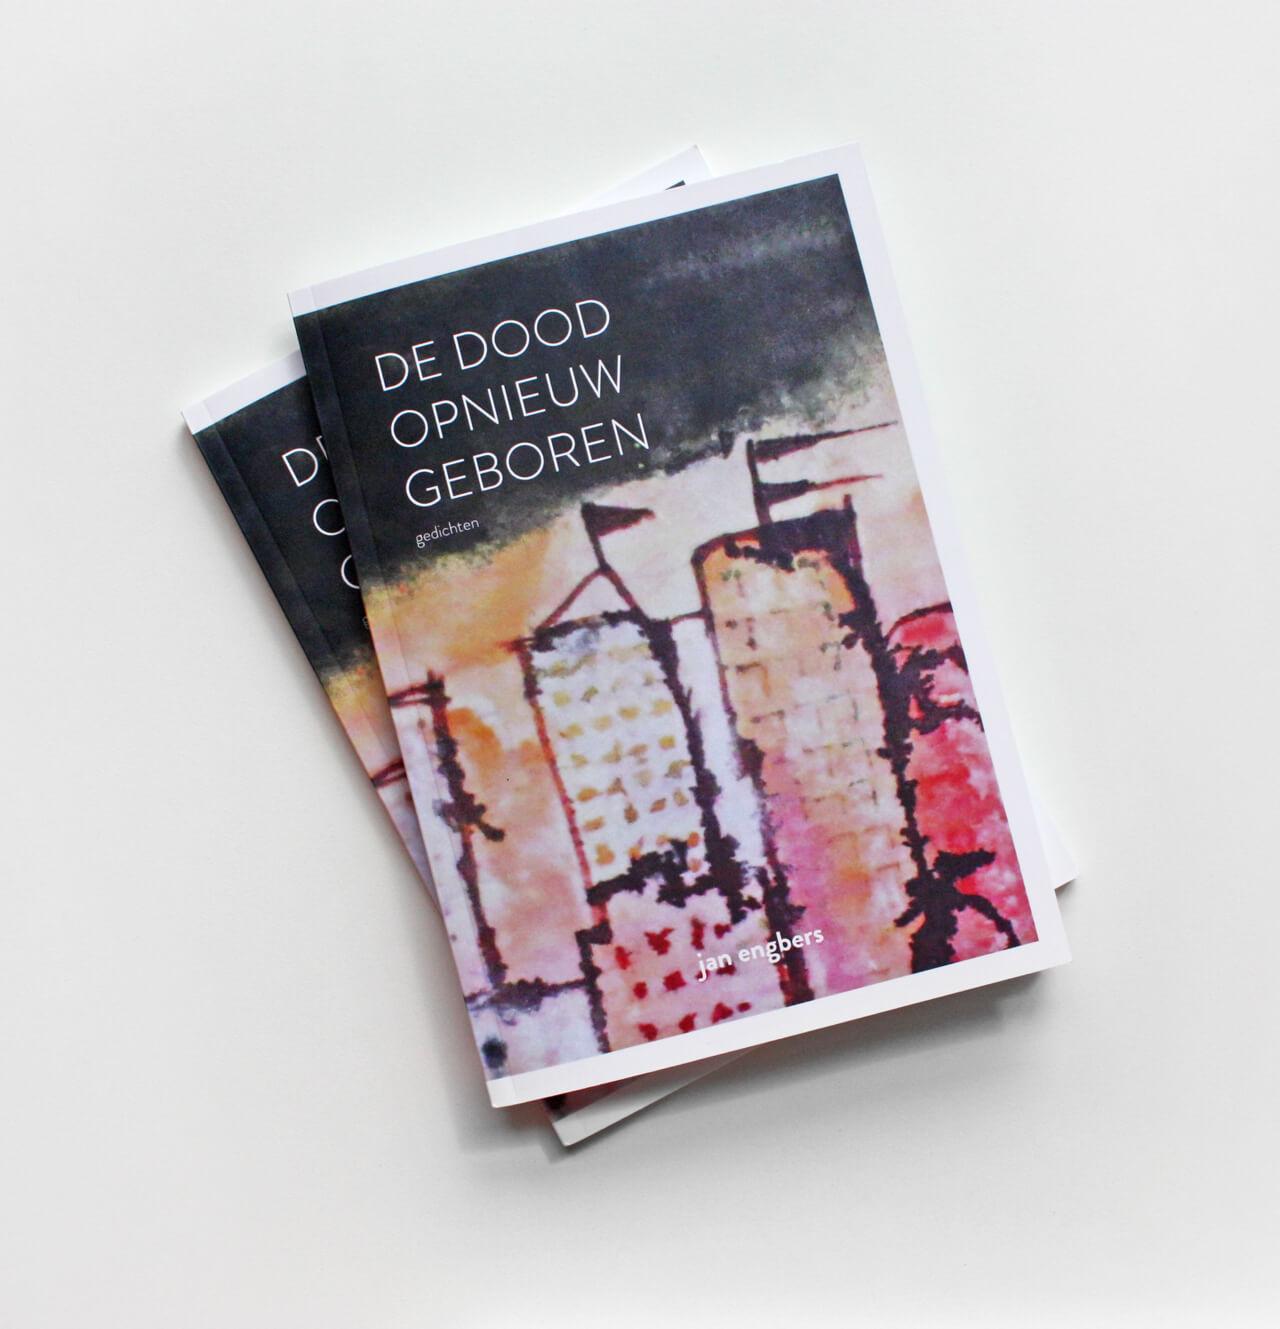 Gedichtenbundel ontwerp